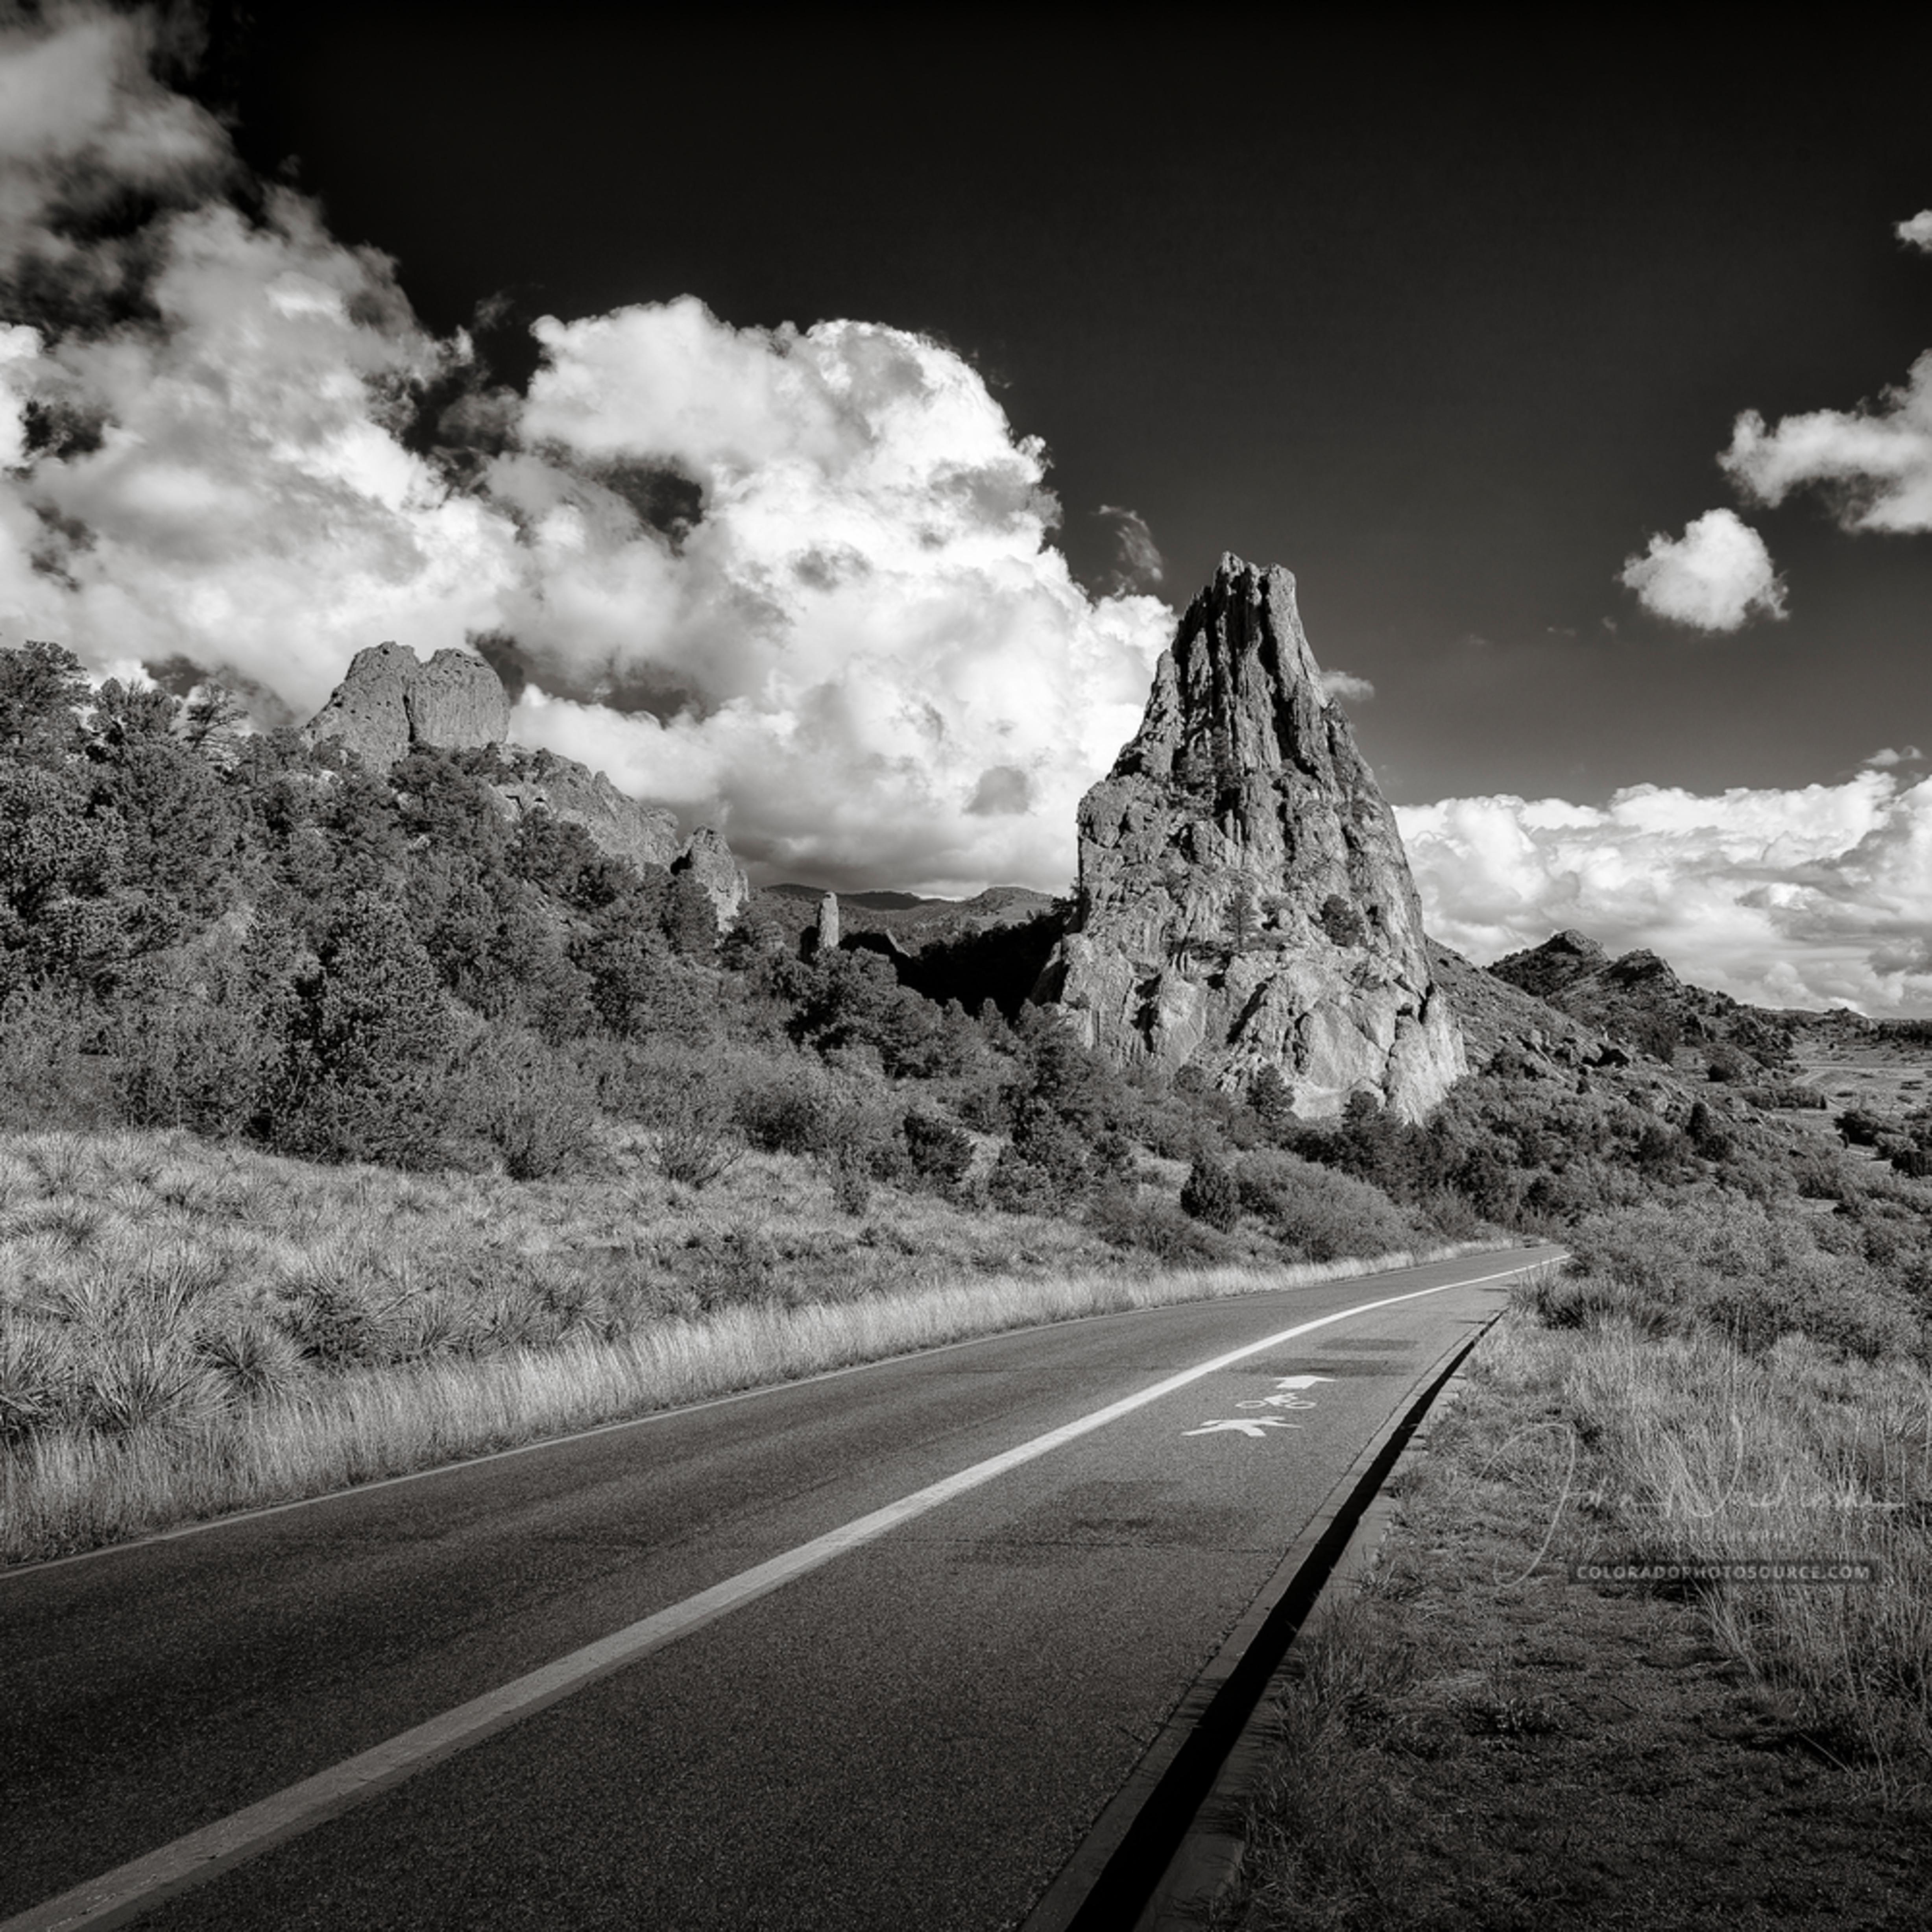 Colorado photos dsc4735 edit edit ttbcz5